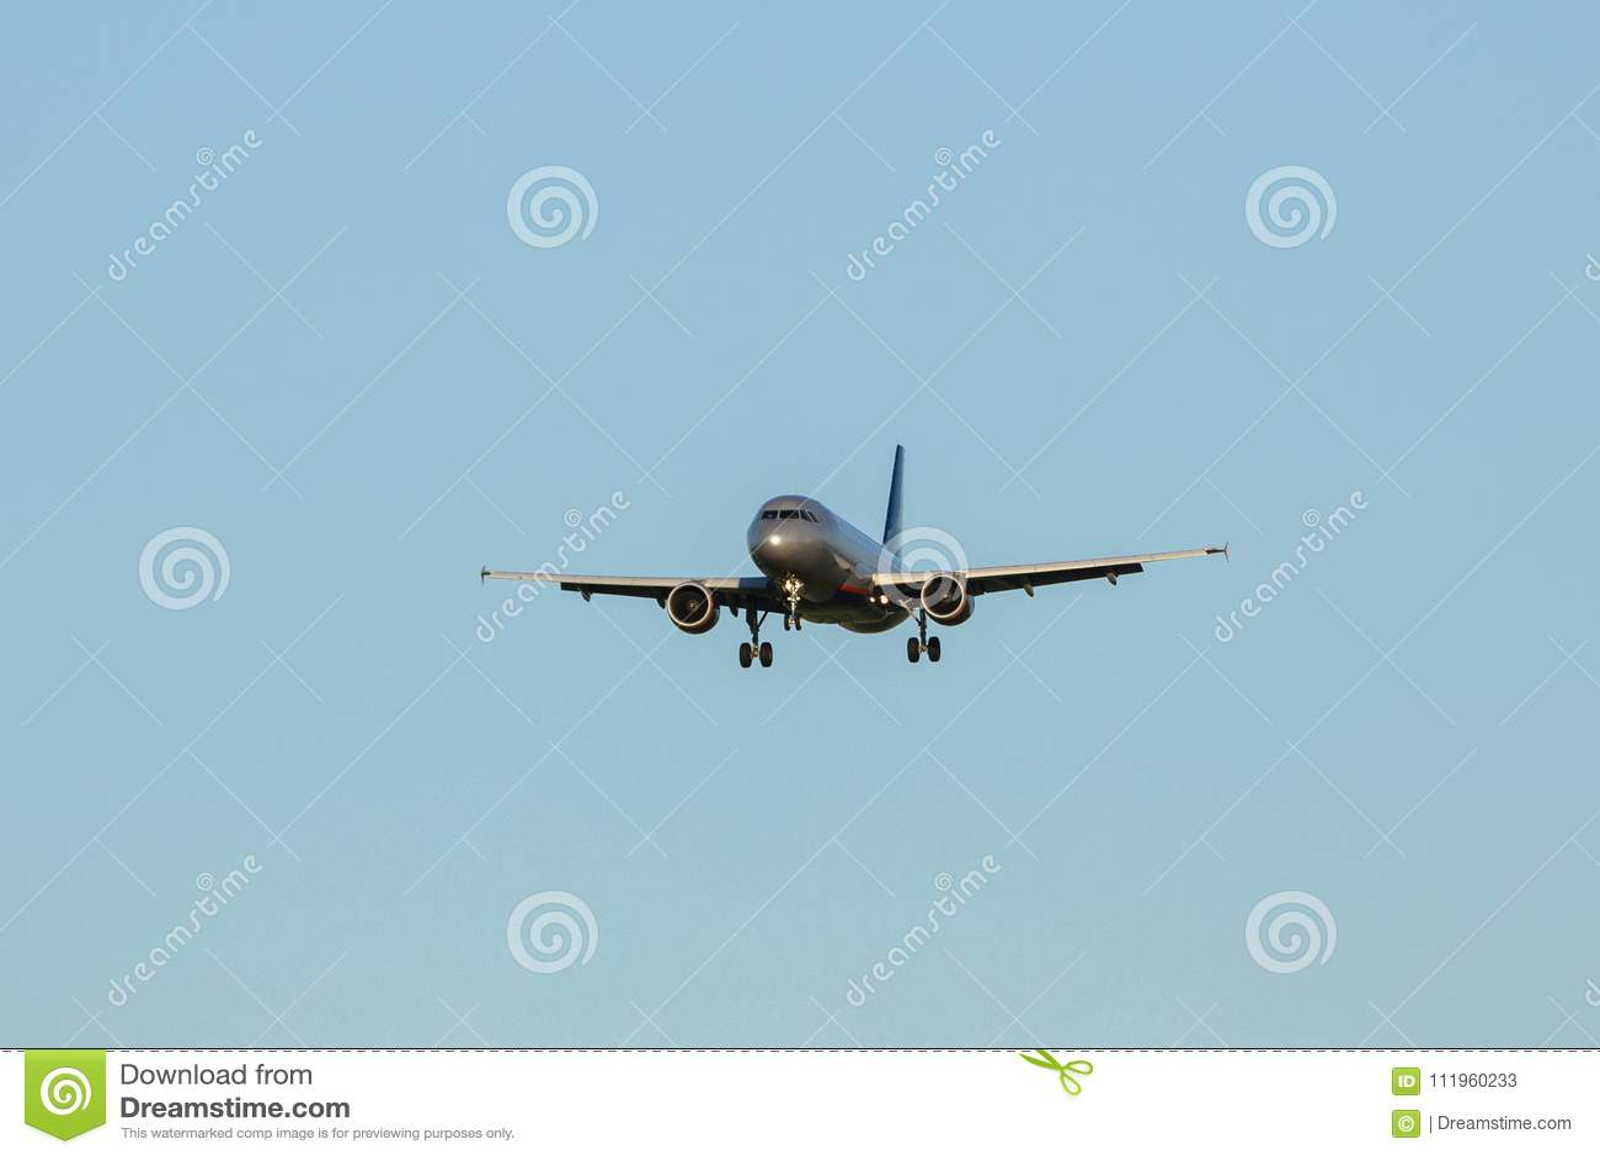 Avión De Pasajeros Grande En Un Fondo Del Cielo Azul Imagen De